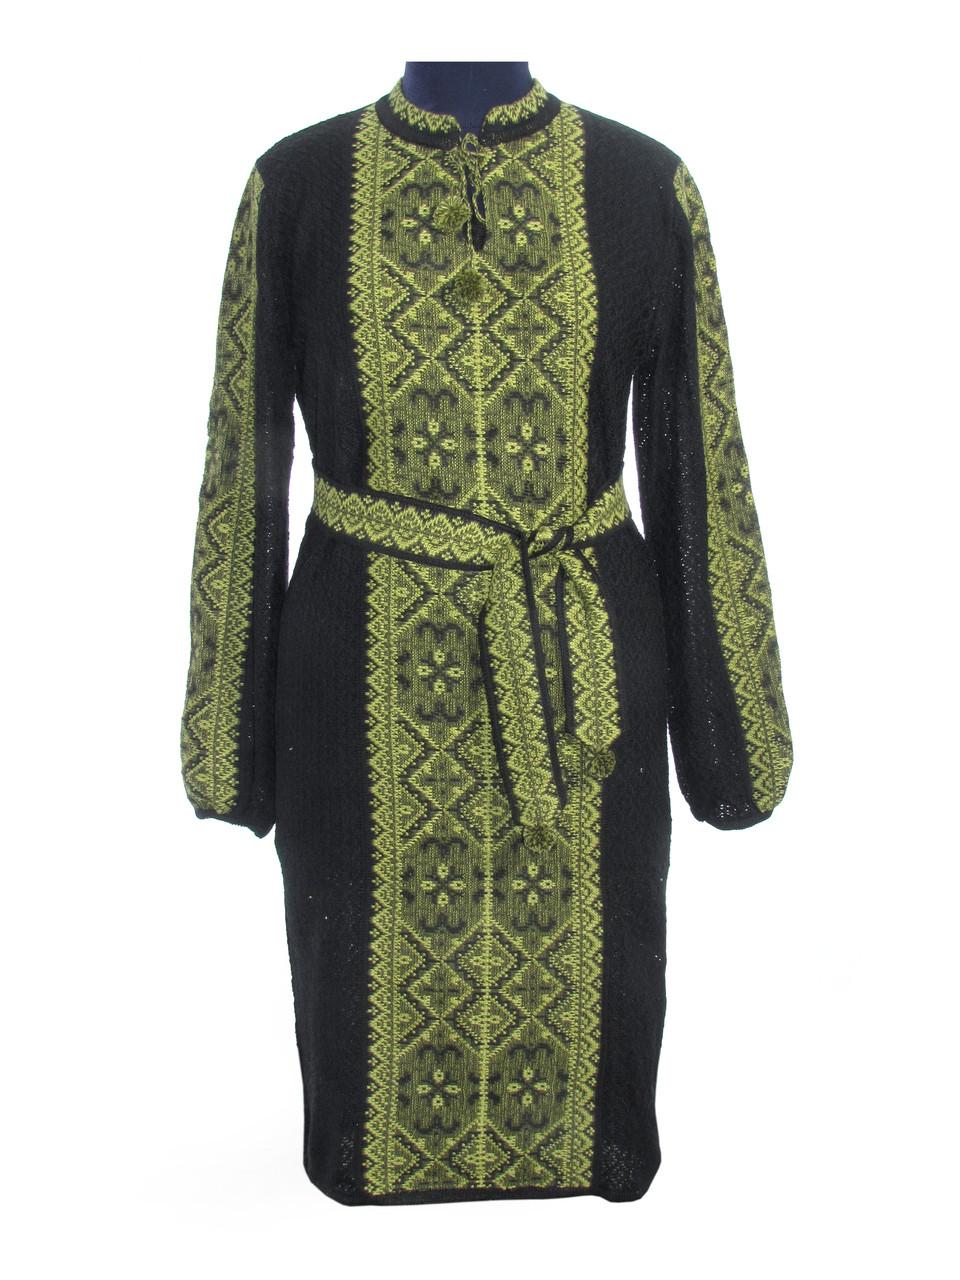 Вязаное платье Влада зеленая (х/б)